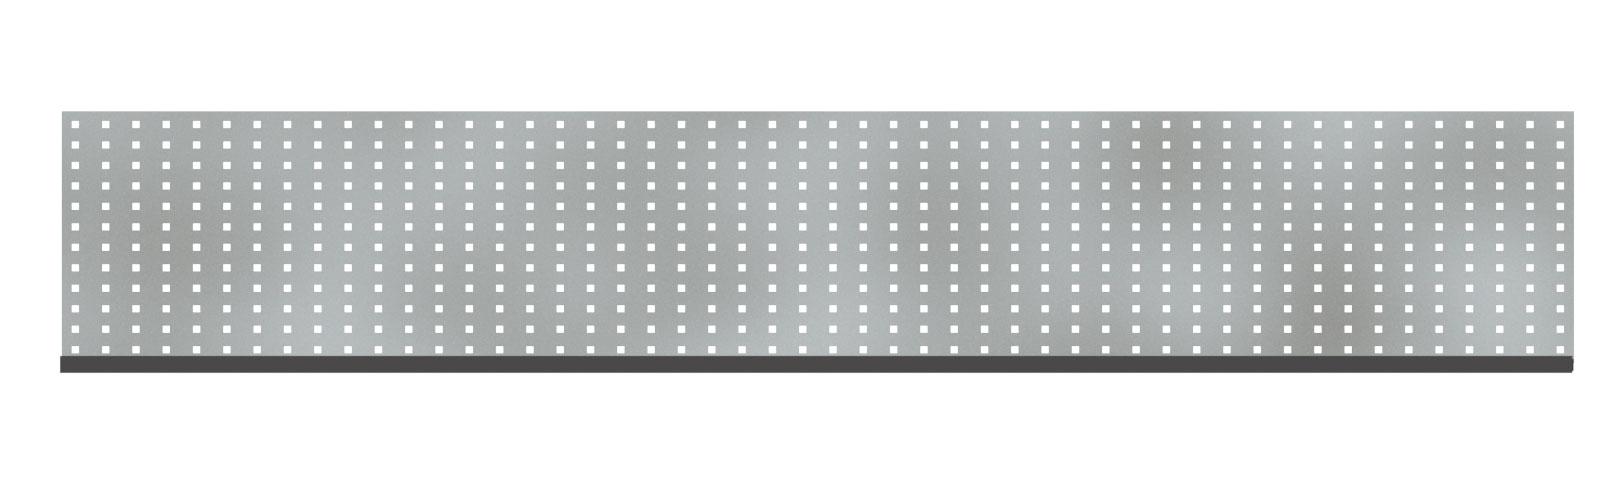 Sichtschutzzaun TraumGarten System Dekorprofil Edelstahl Gamma 178x30 Bild 1